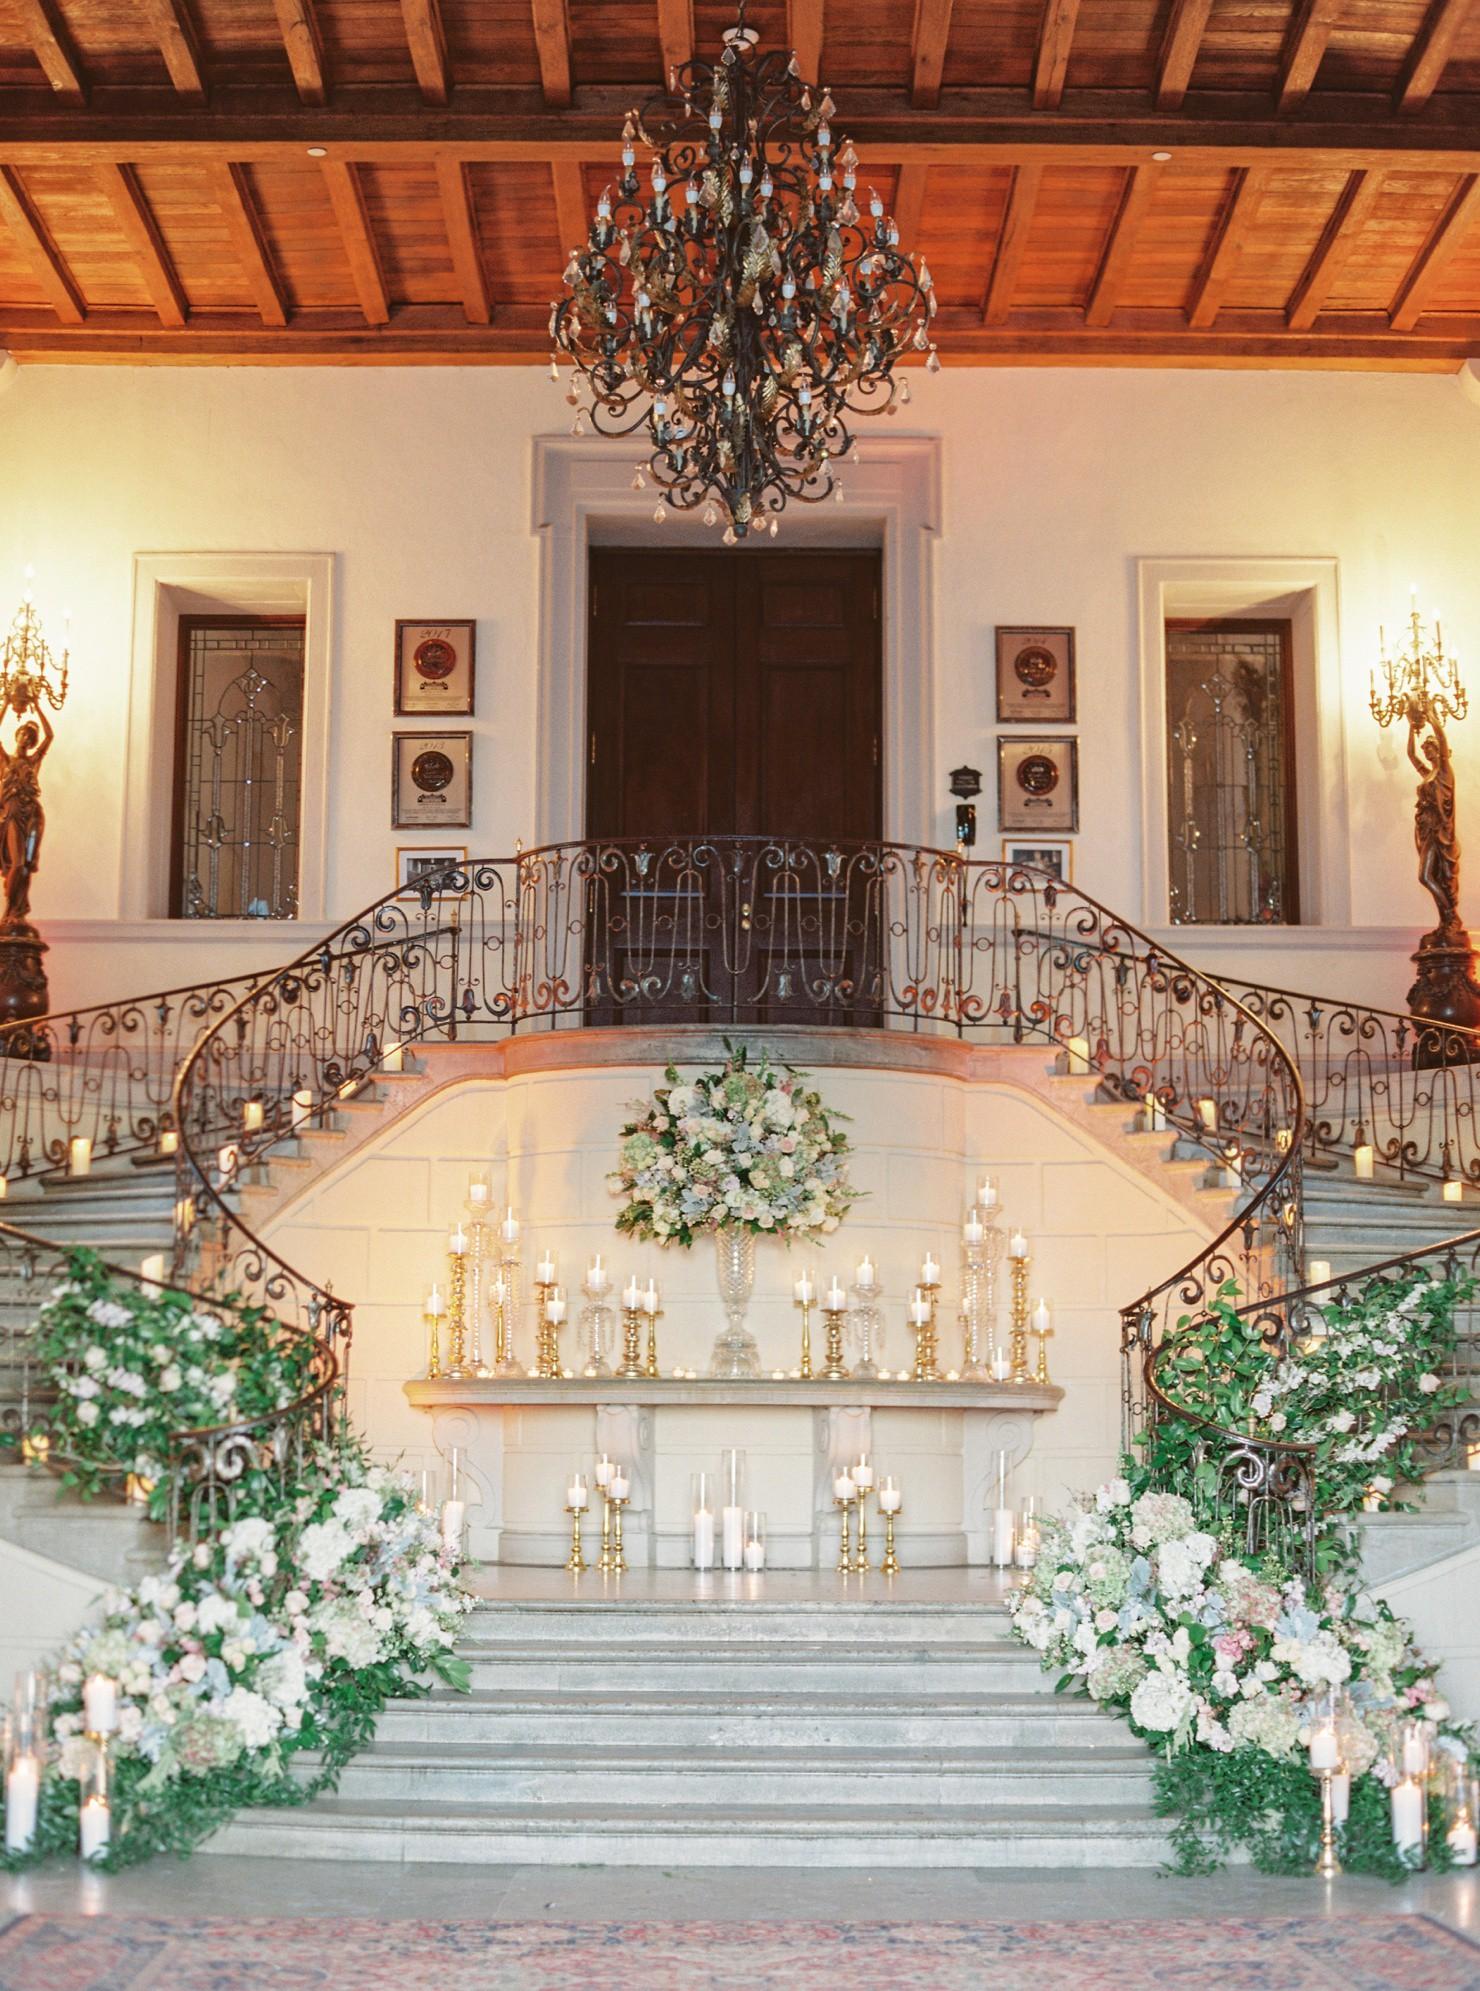 4 sự thật về toà lâu đài mà chỉ giới nhà giàu ở Mỹ mới dám thuê tổ chức đám cưới, Taylor Swfit là ngôi sao hiếm hoi từng quay MV ở đây - Ảnh 9.